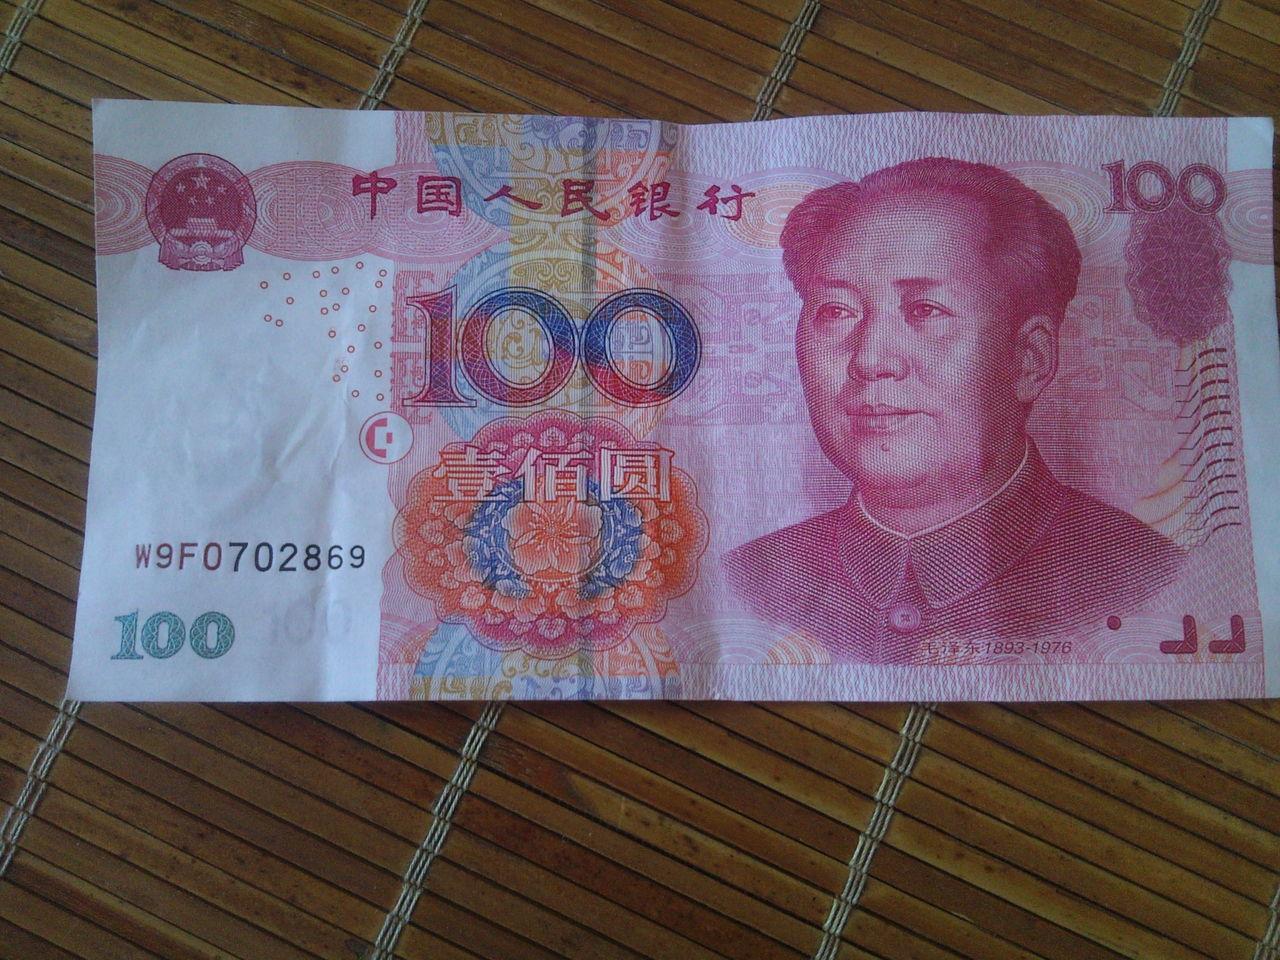 人民币�ya`��a���-�_我收到一张一百的人民币,但发现编号有问题,前面不是两个字母,是错版